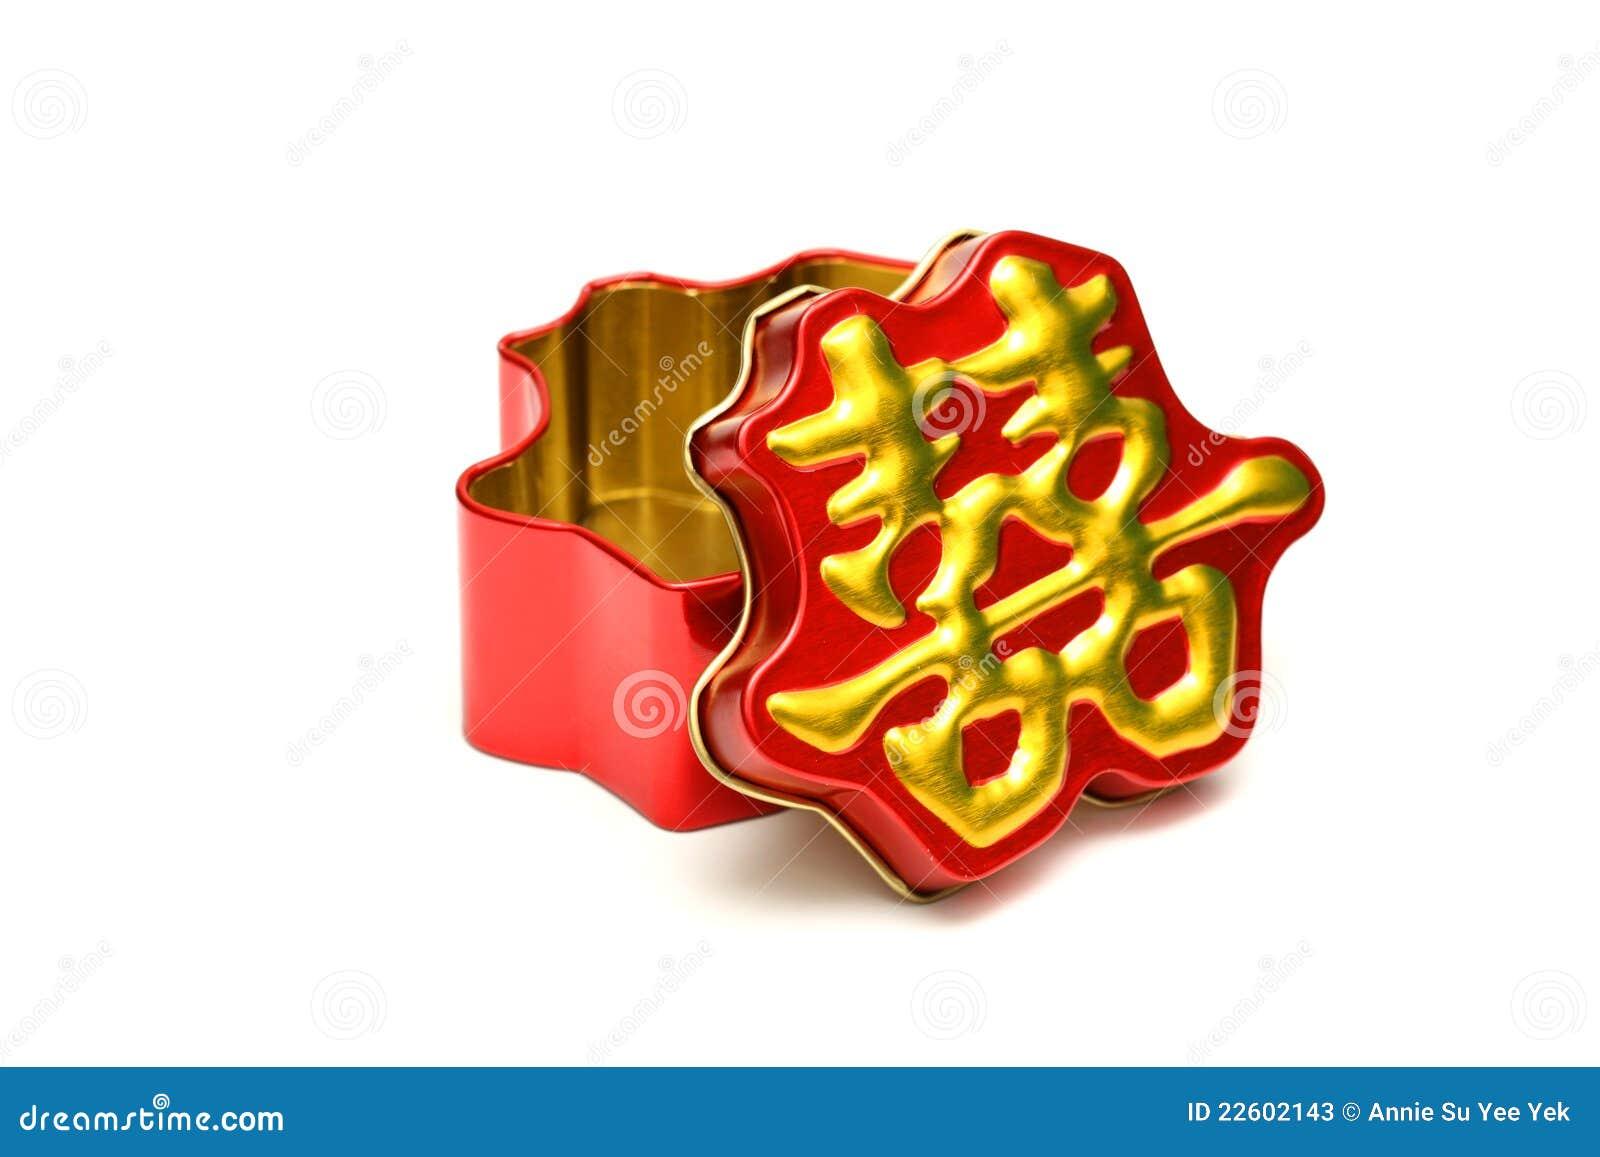 Geschenk kann für chinesische Hochzeit